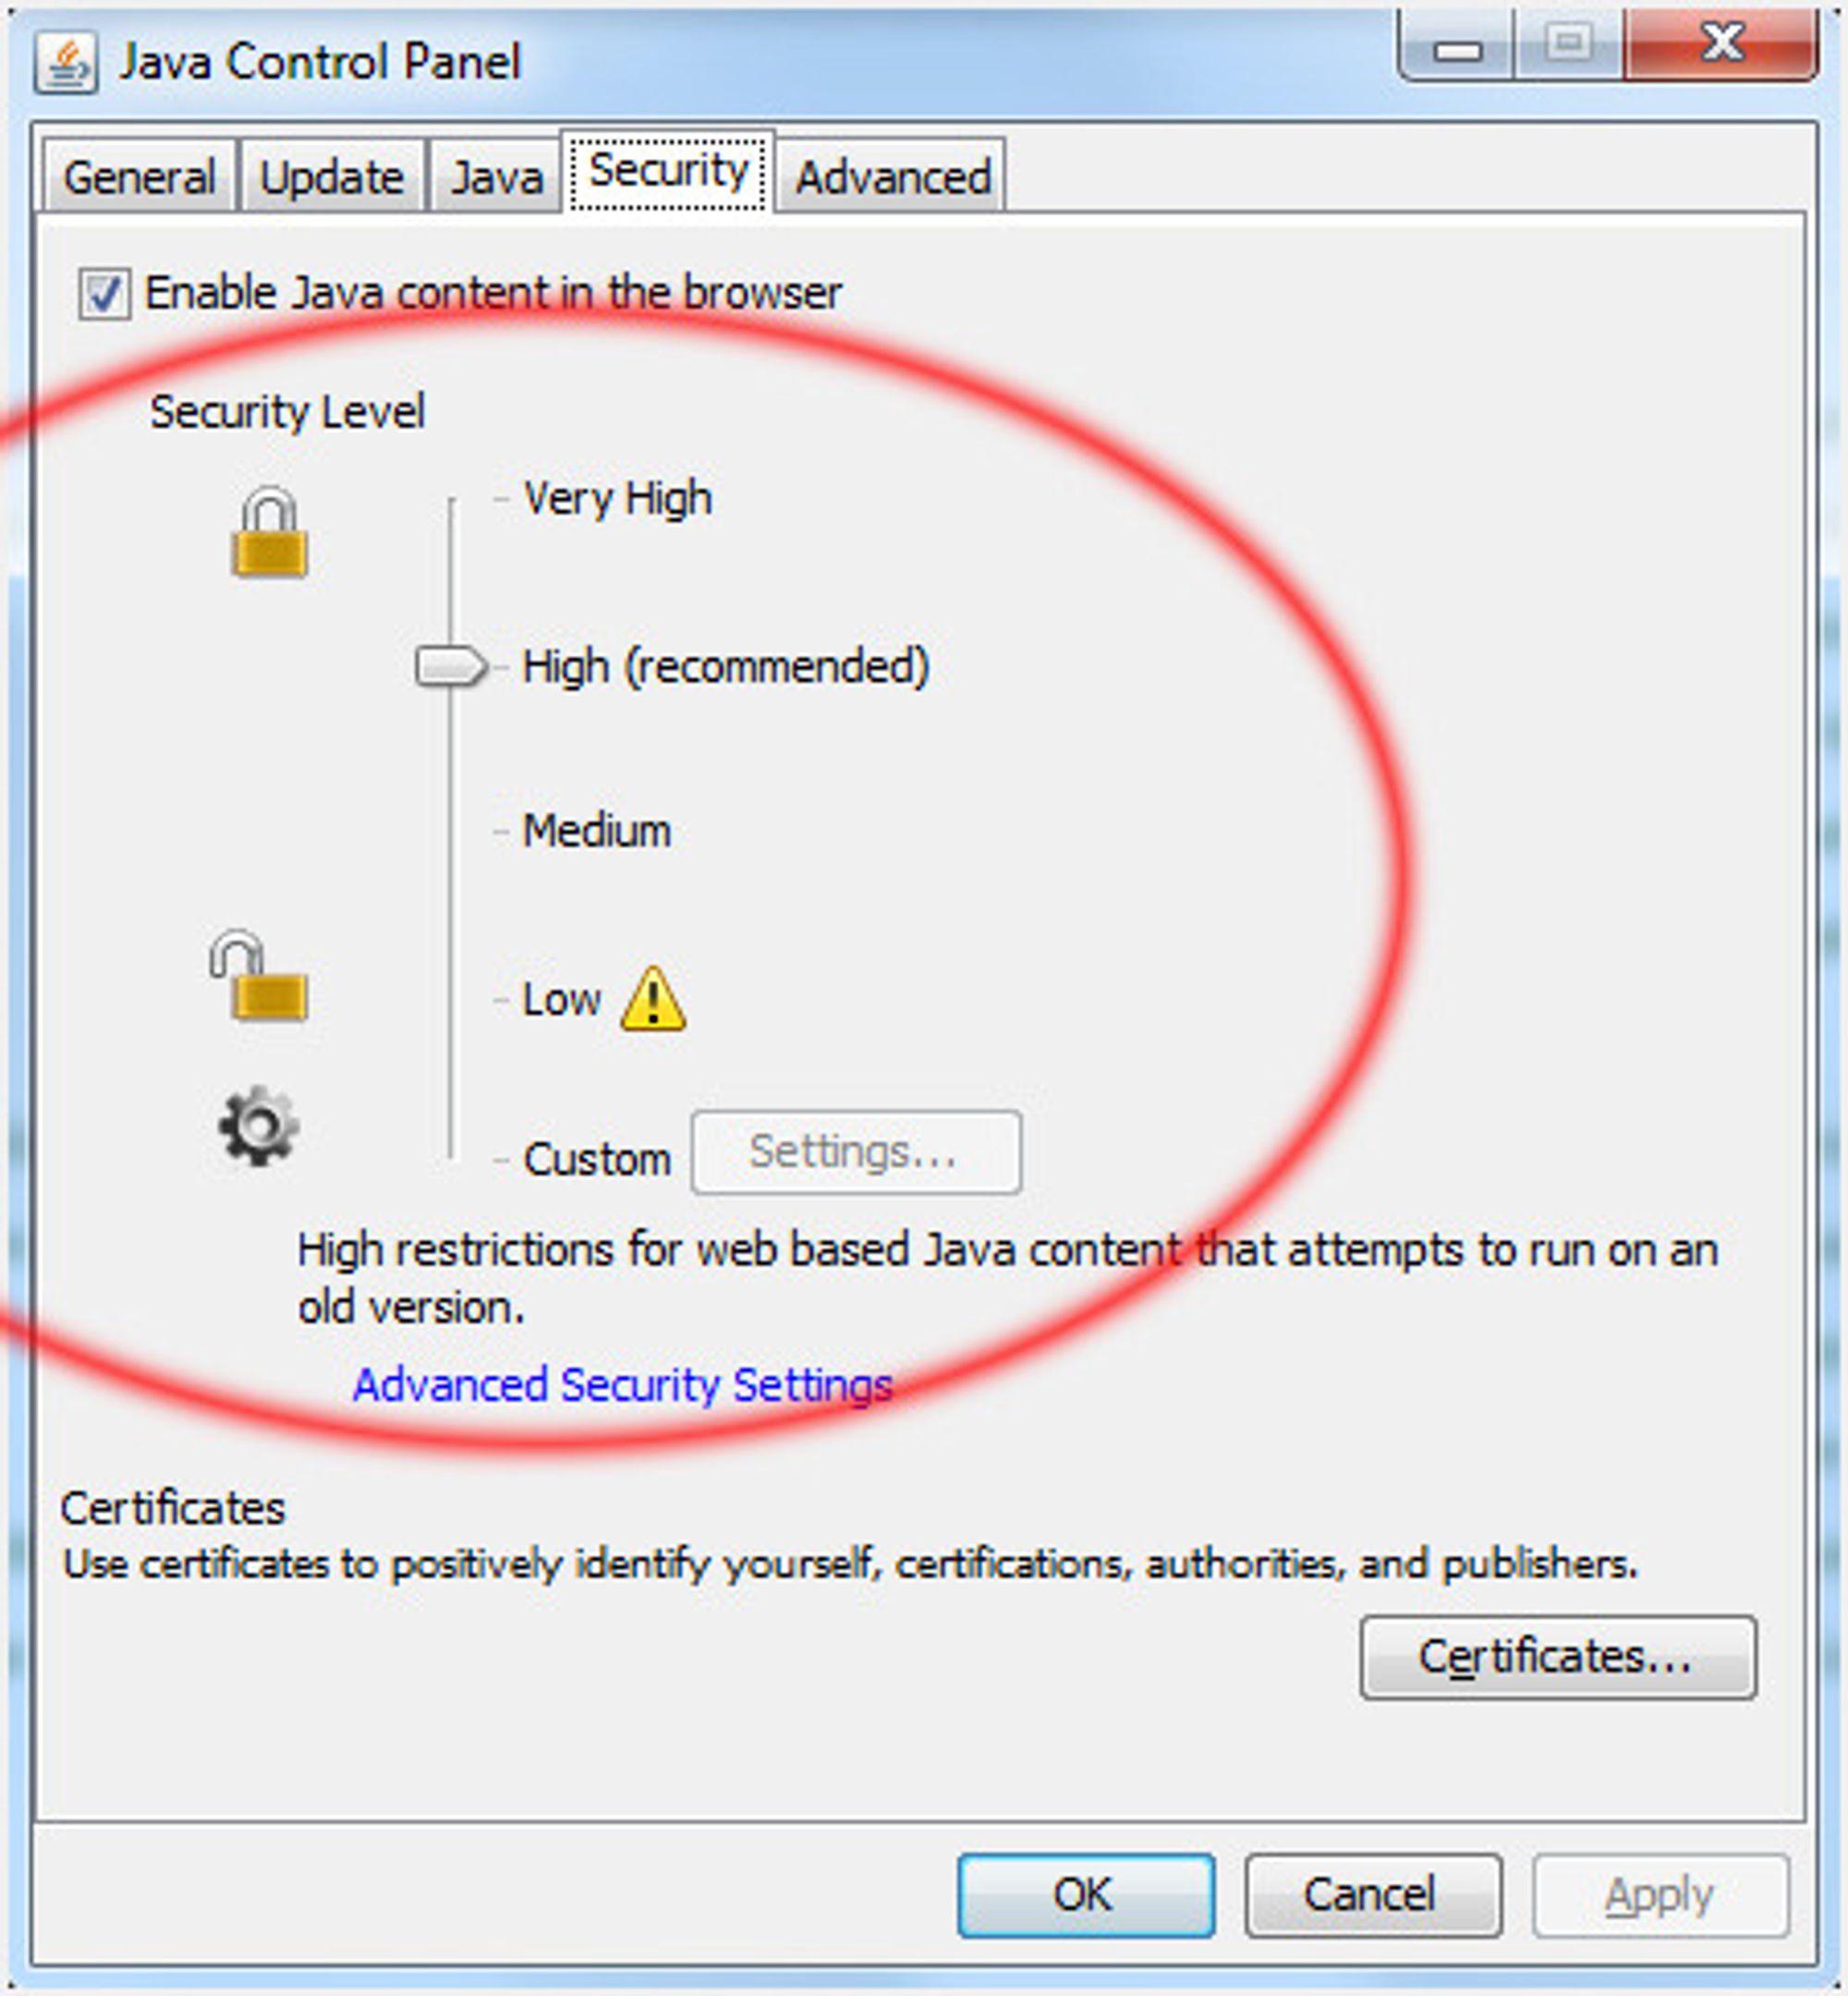 Standard sikkerhetsnivå i Java 7 ble økt fra Medium til High med den nyeste oppdateringen.